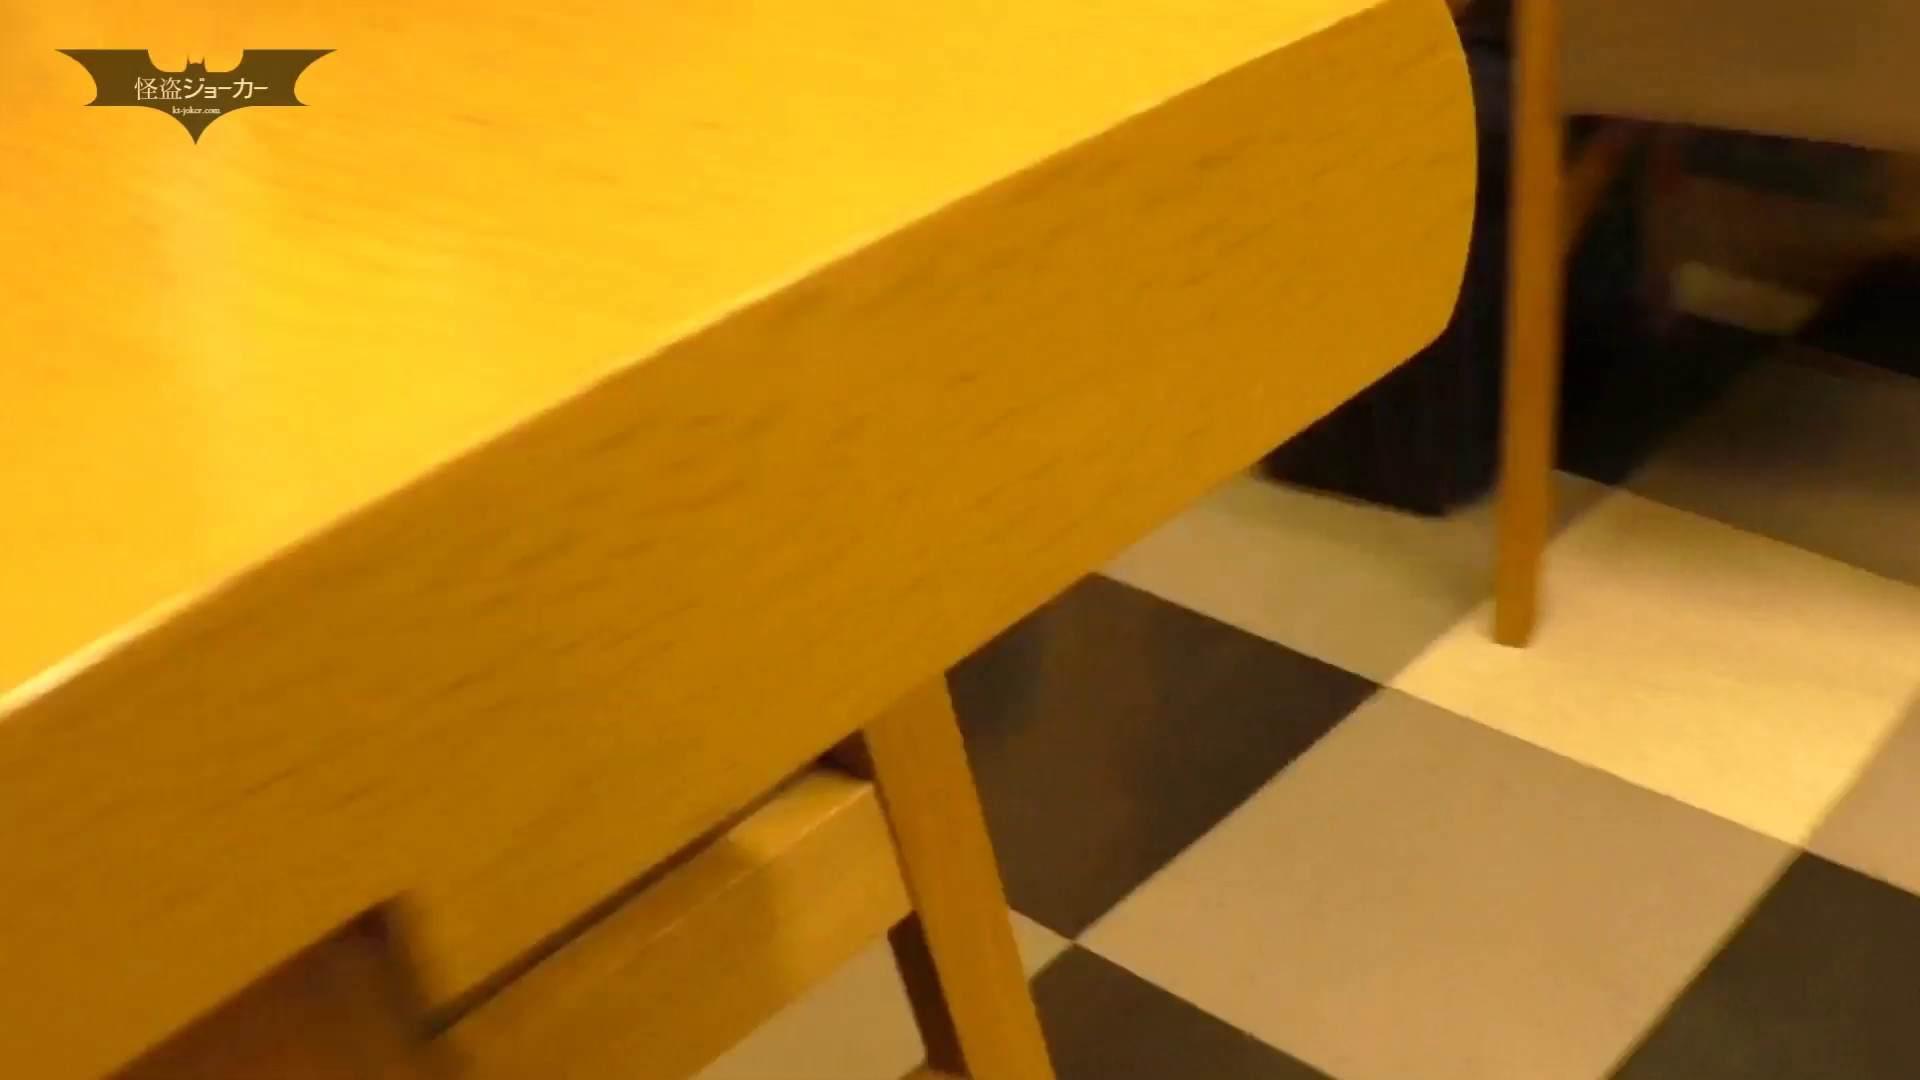 机の下の世界 Vol.04 生足はお好きですか? ギャル達 えろ無修正画像 98枚 86